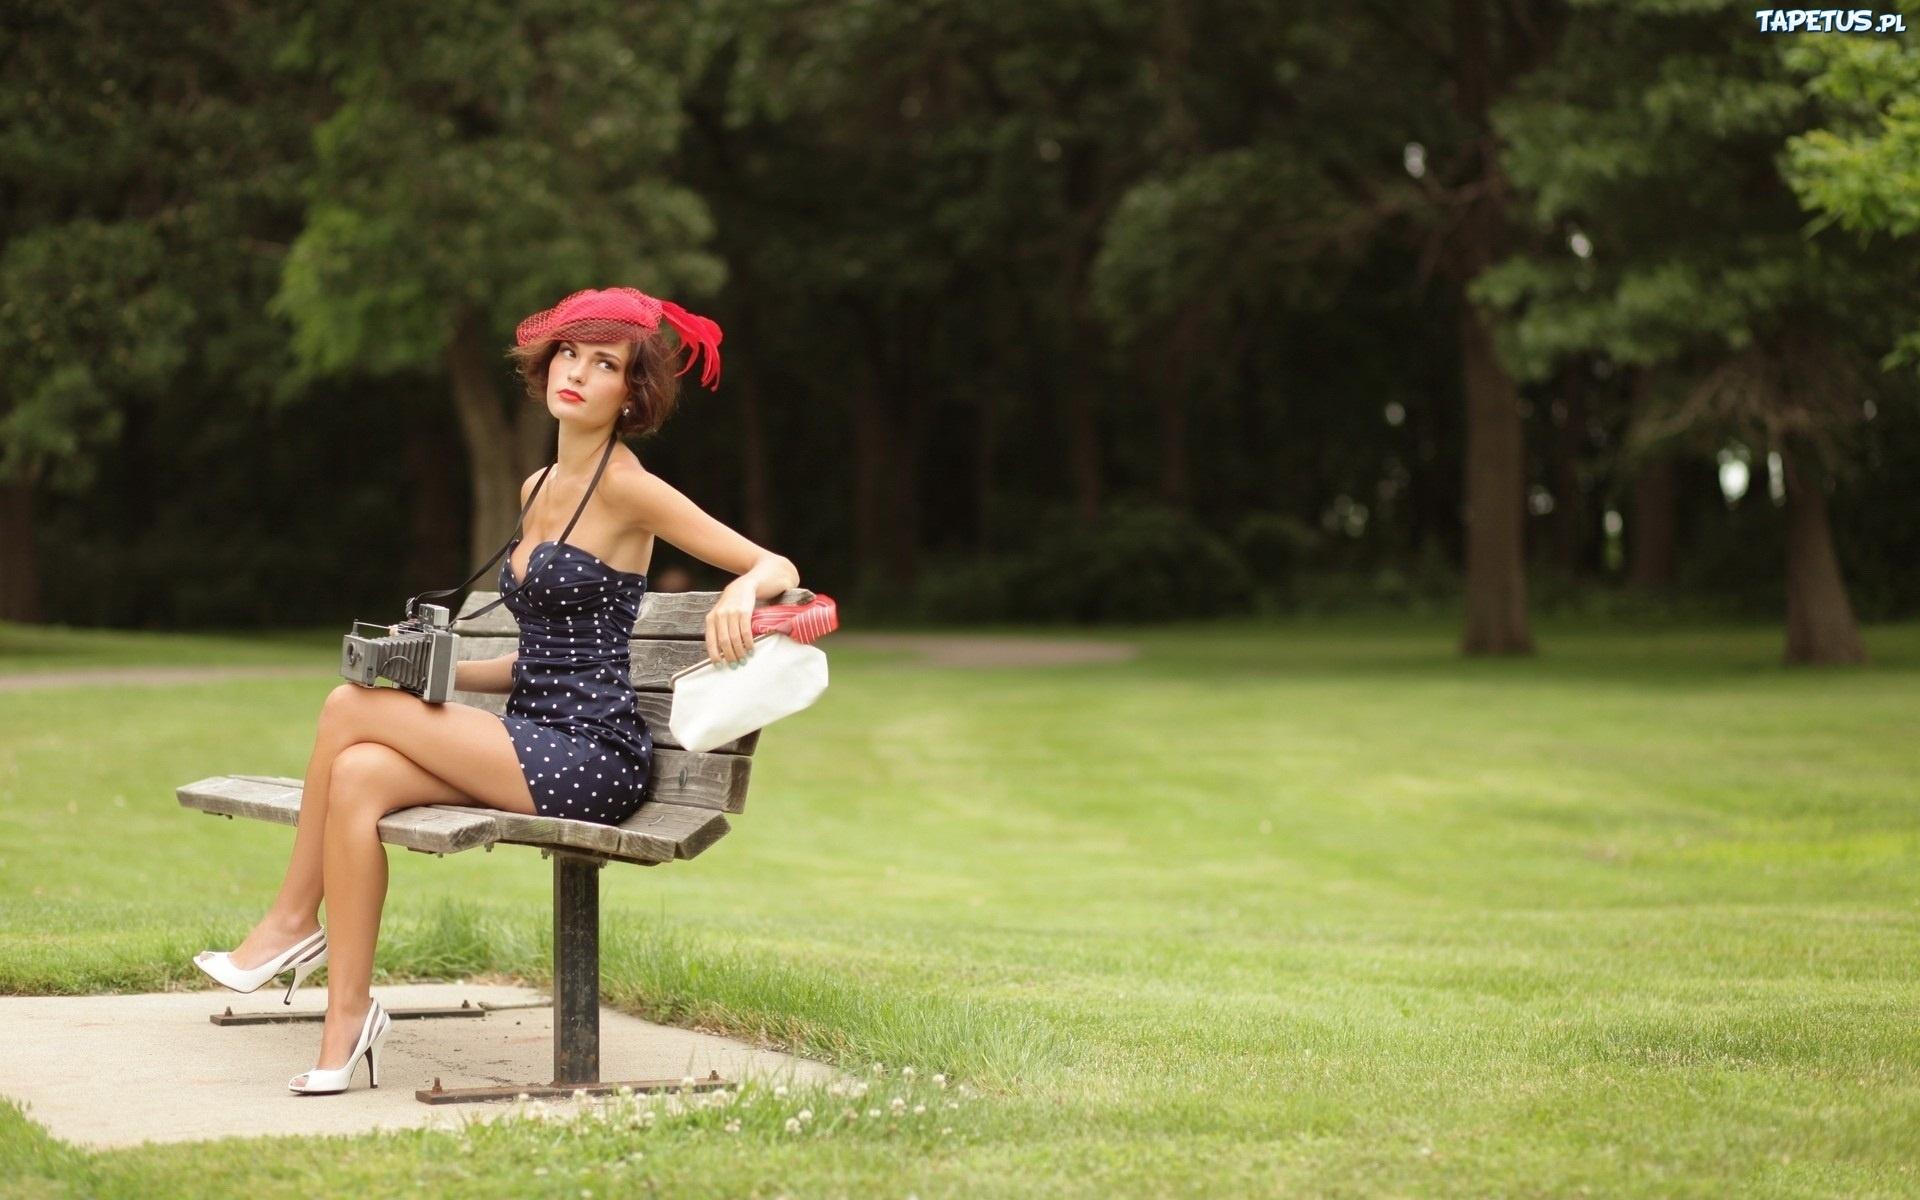 девушка на скамейке с сумкой и фотоаппаратом  № 2676798  скачать